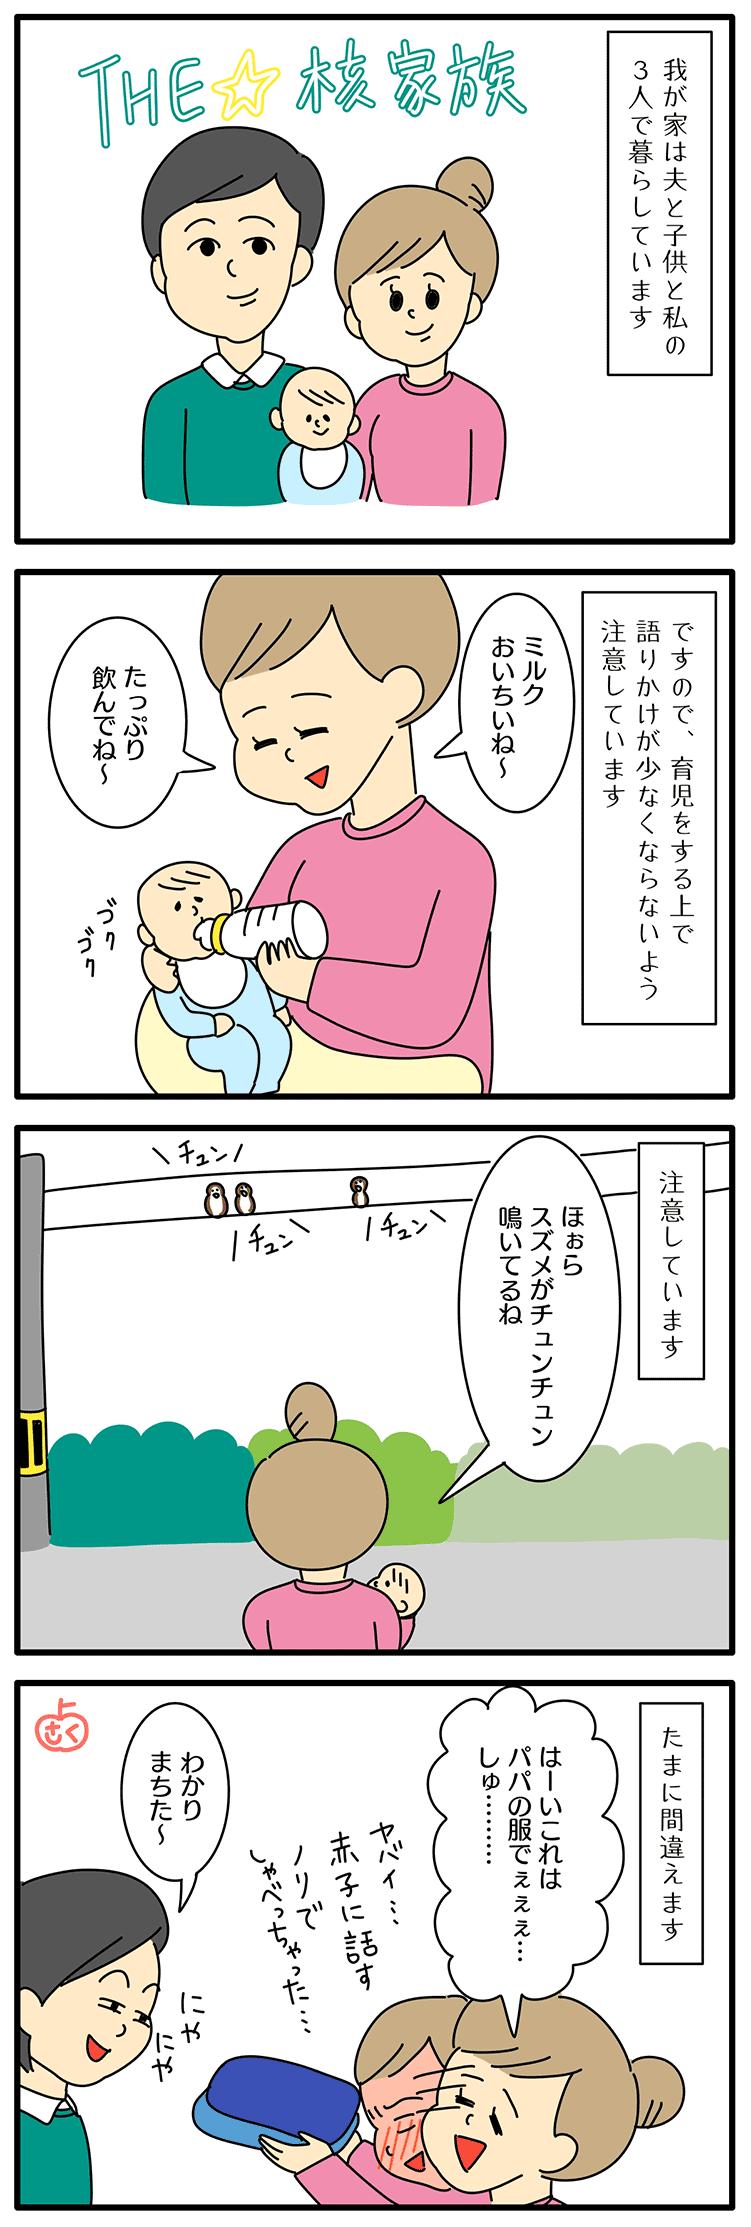 語りかけ育児の永岡さくら(saku)子育て4コマ漫画